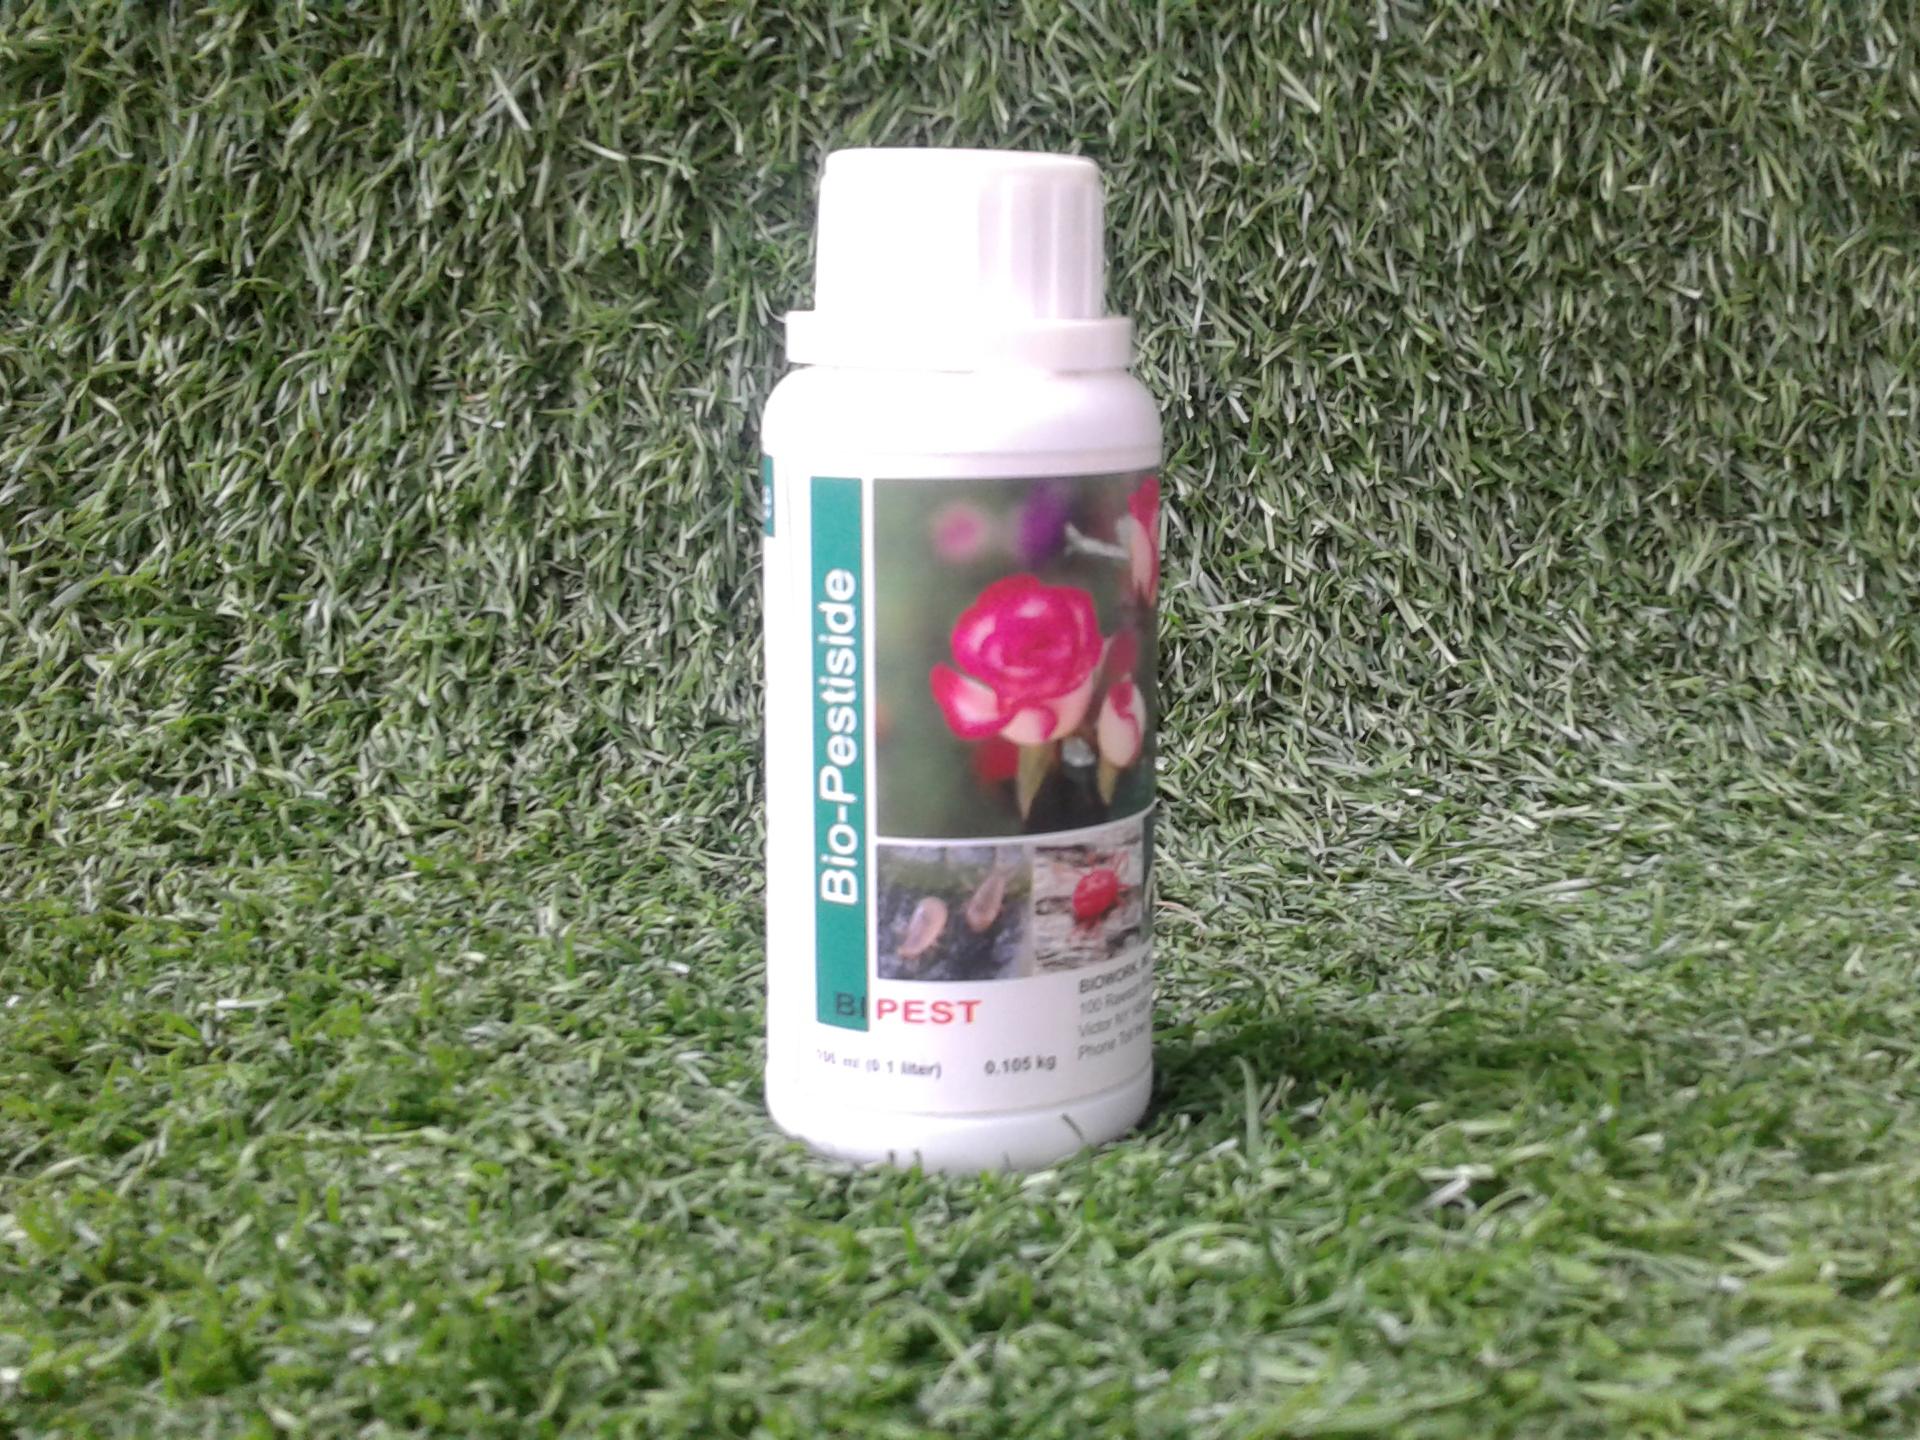 Bio Pestiside - sản phẩm trị nhện đỏ an toàn